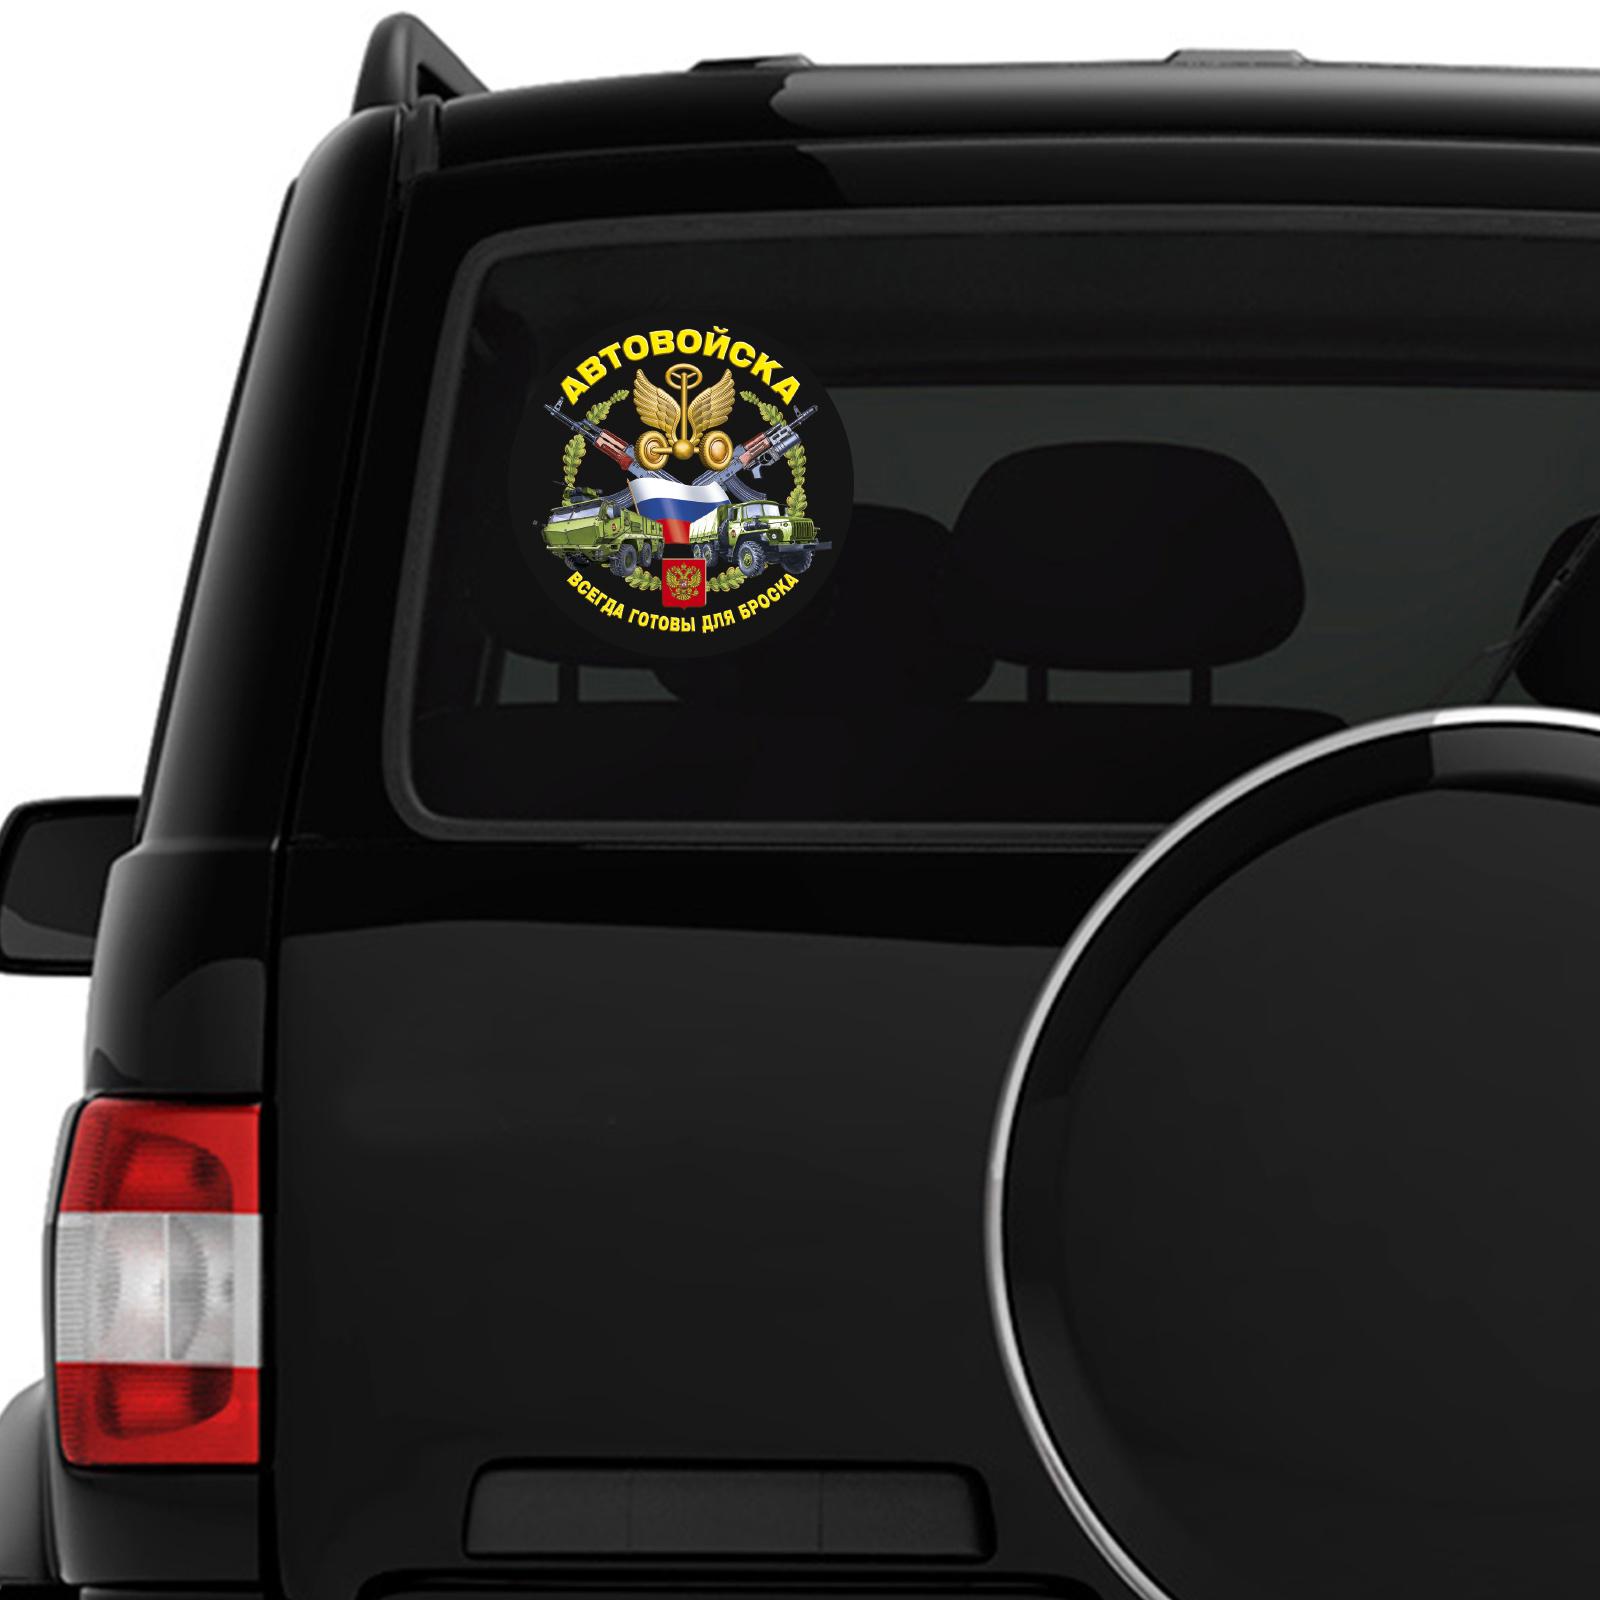 Наклейка с символикой Автовойск - на машину